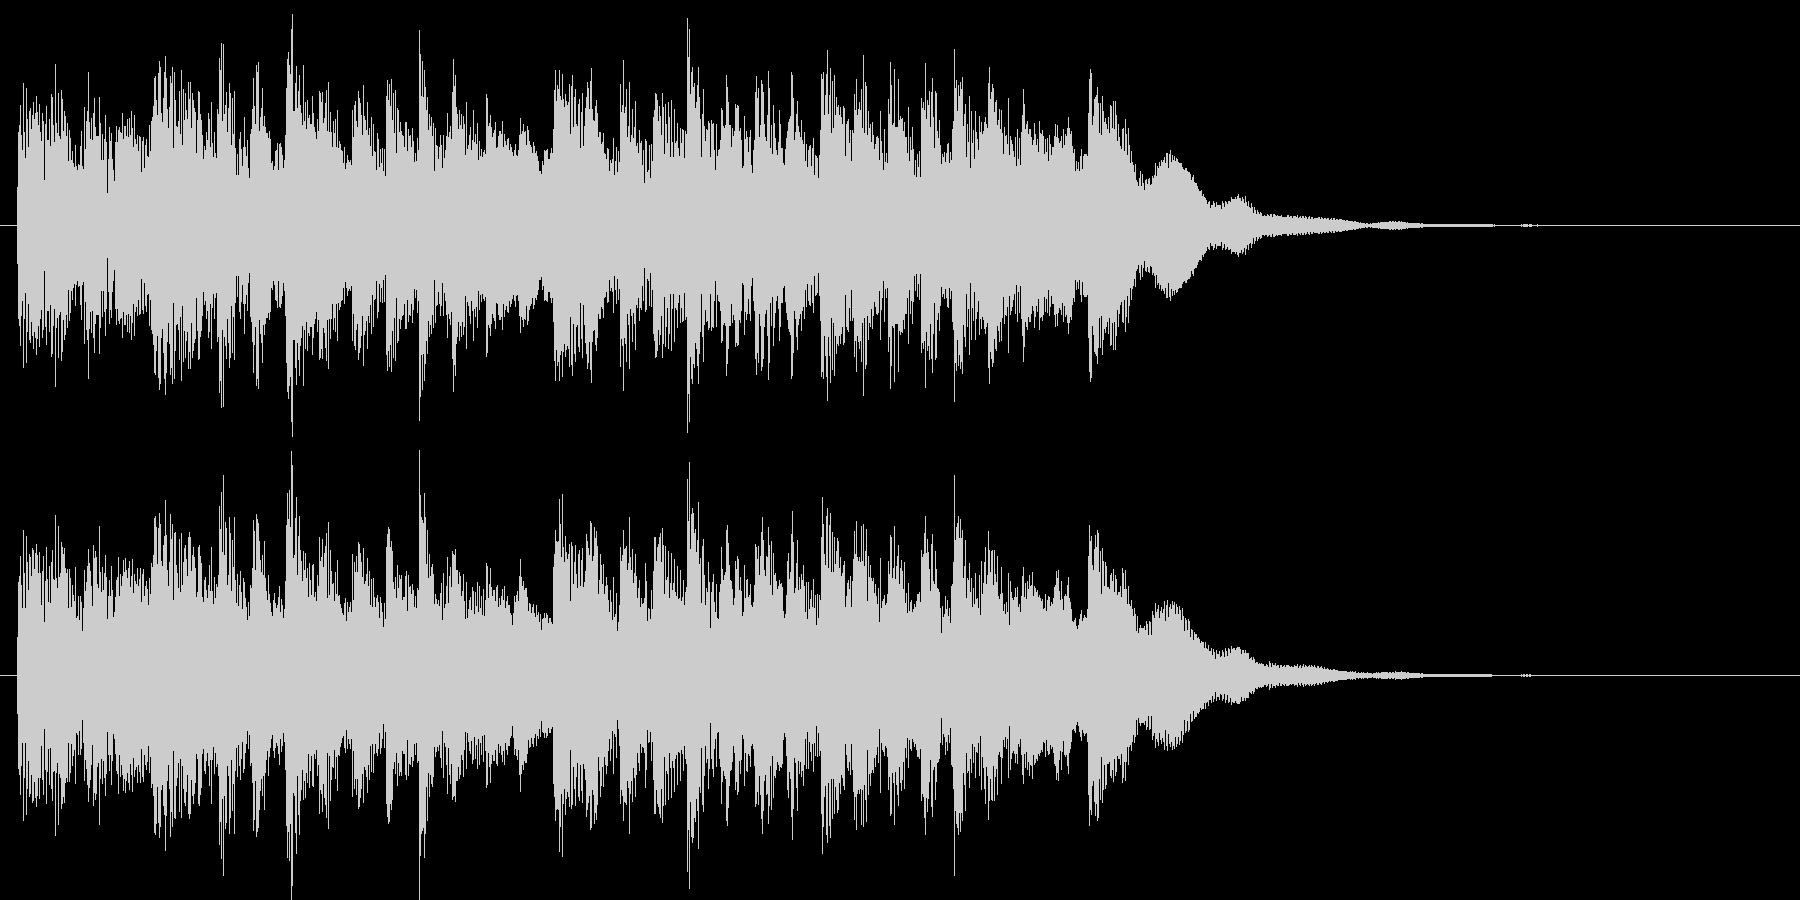 おしらせチャイムの未再生の波形